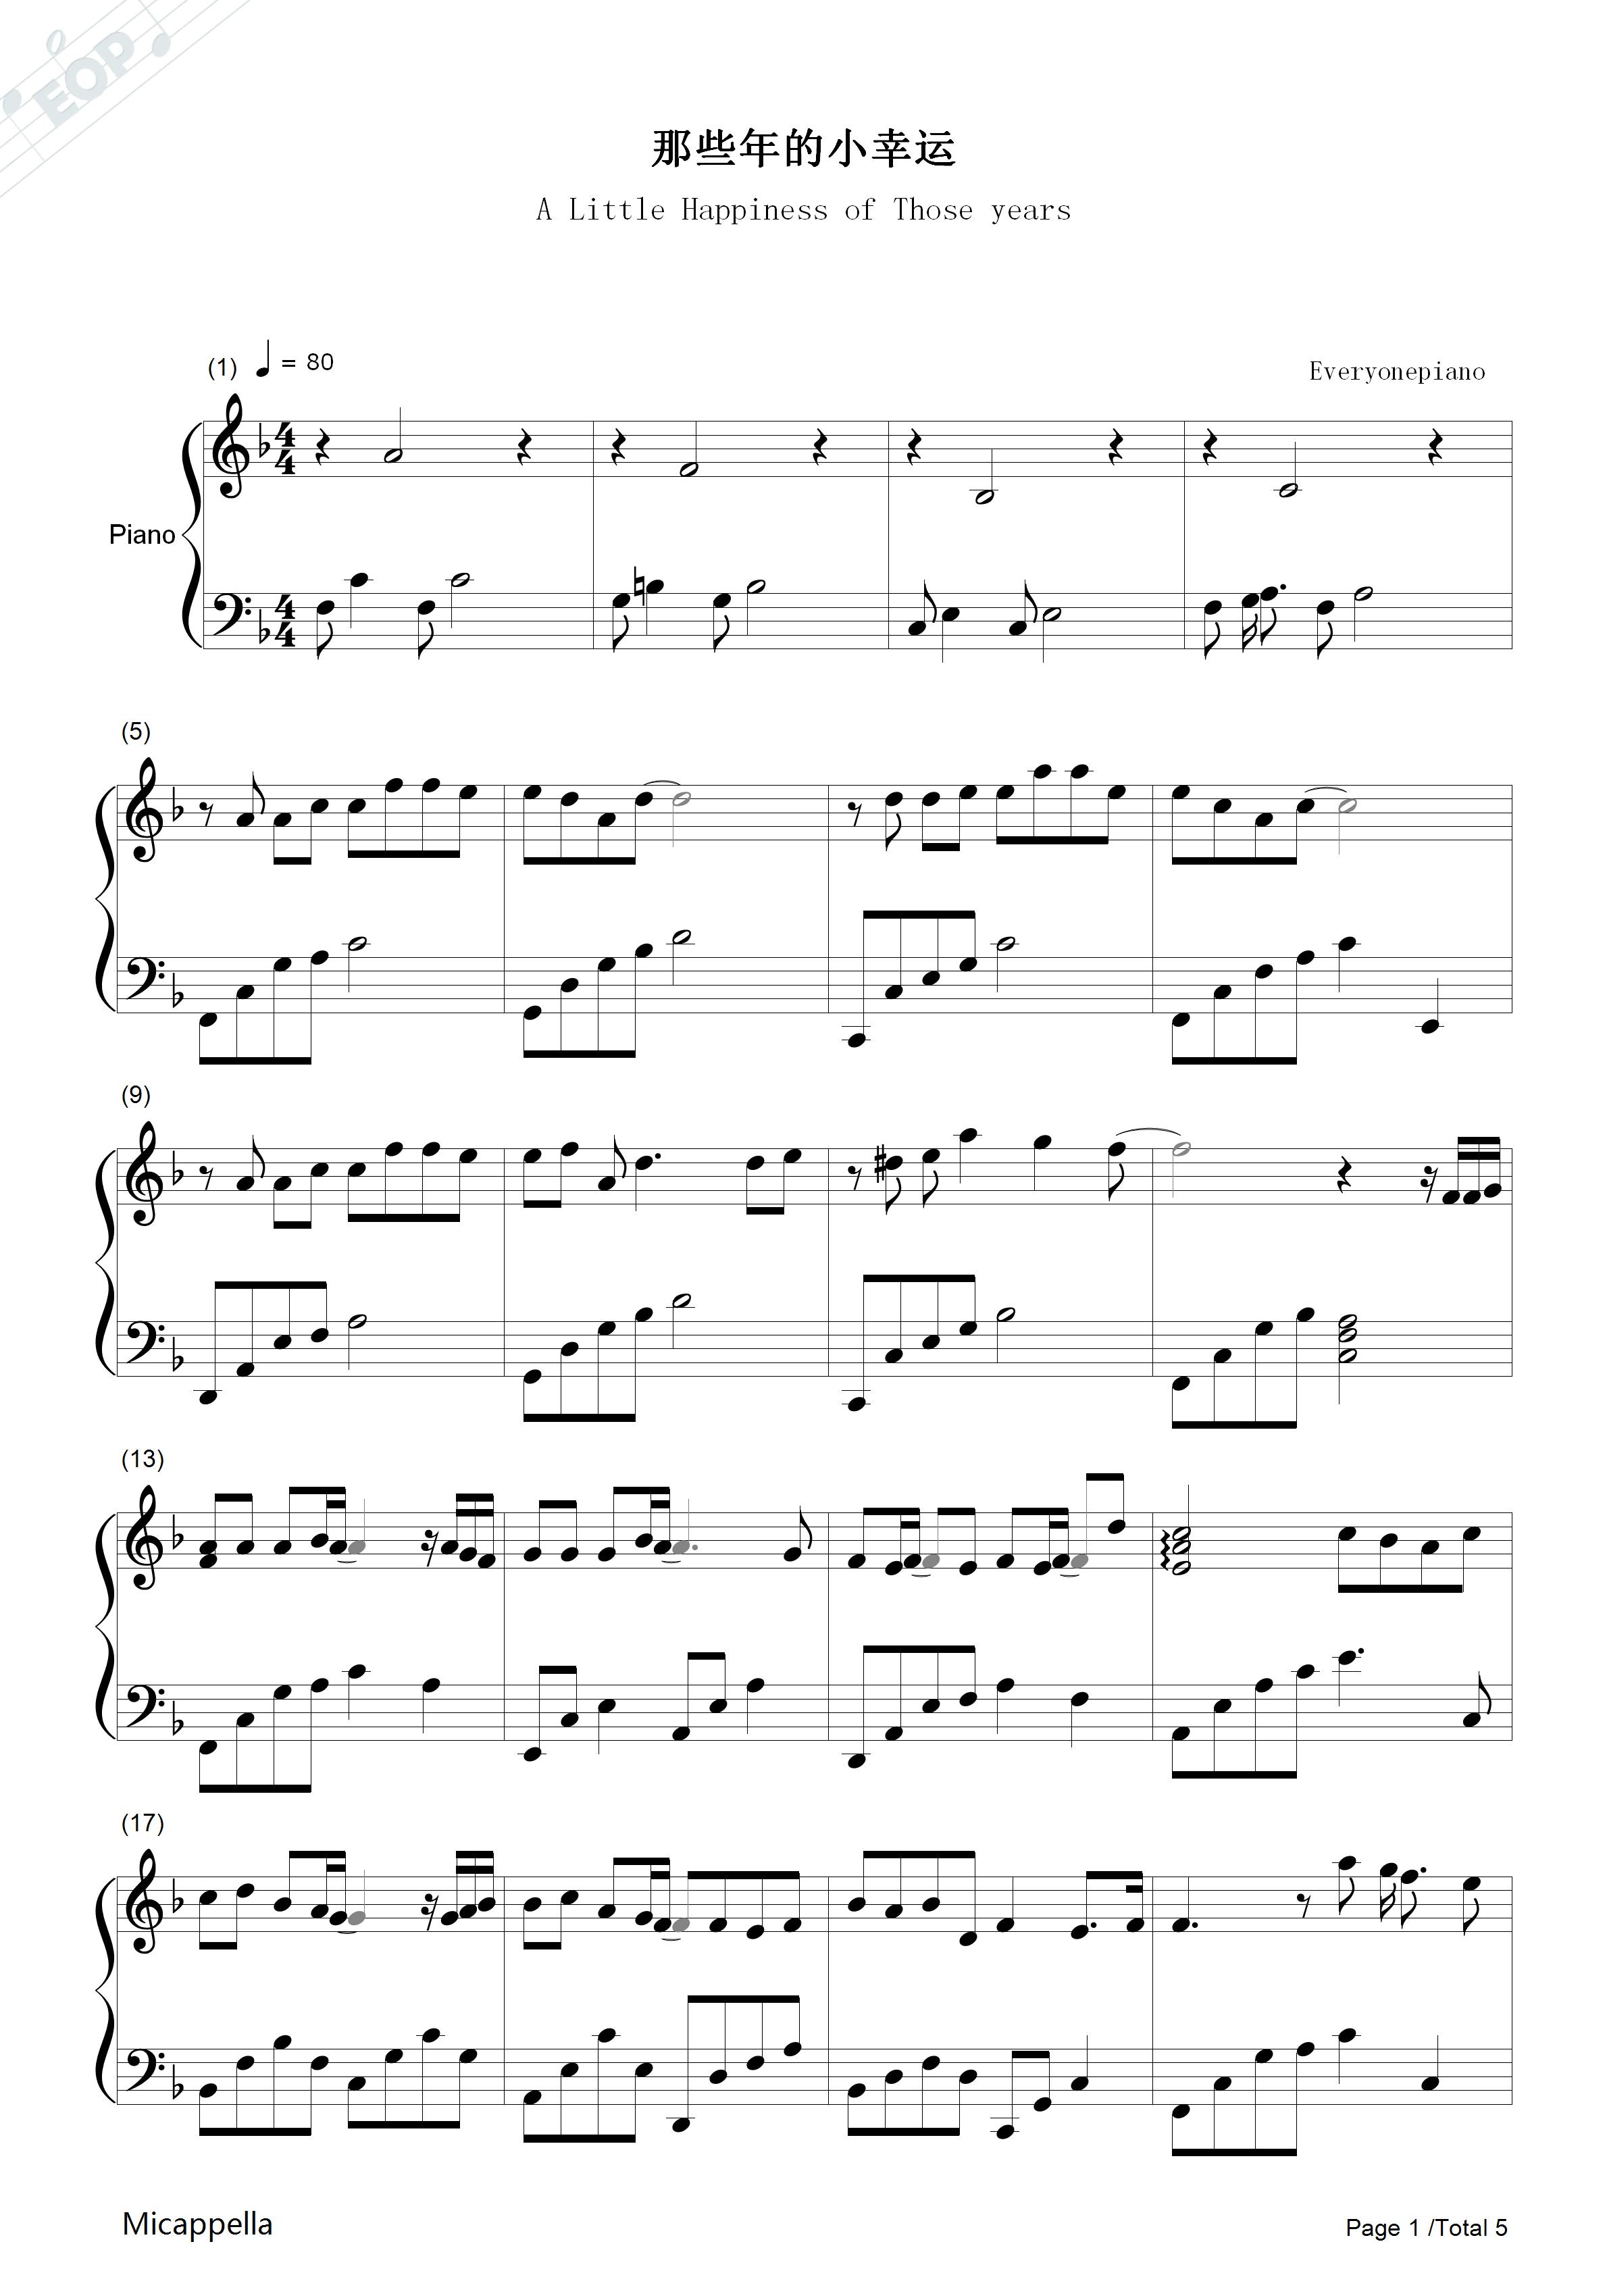 钢琴曲谱 流行 那些年的小幸运 那些年的小幸运五线谱预览1  }  仅供